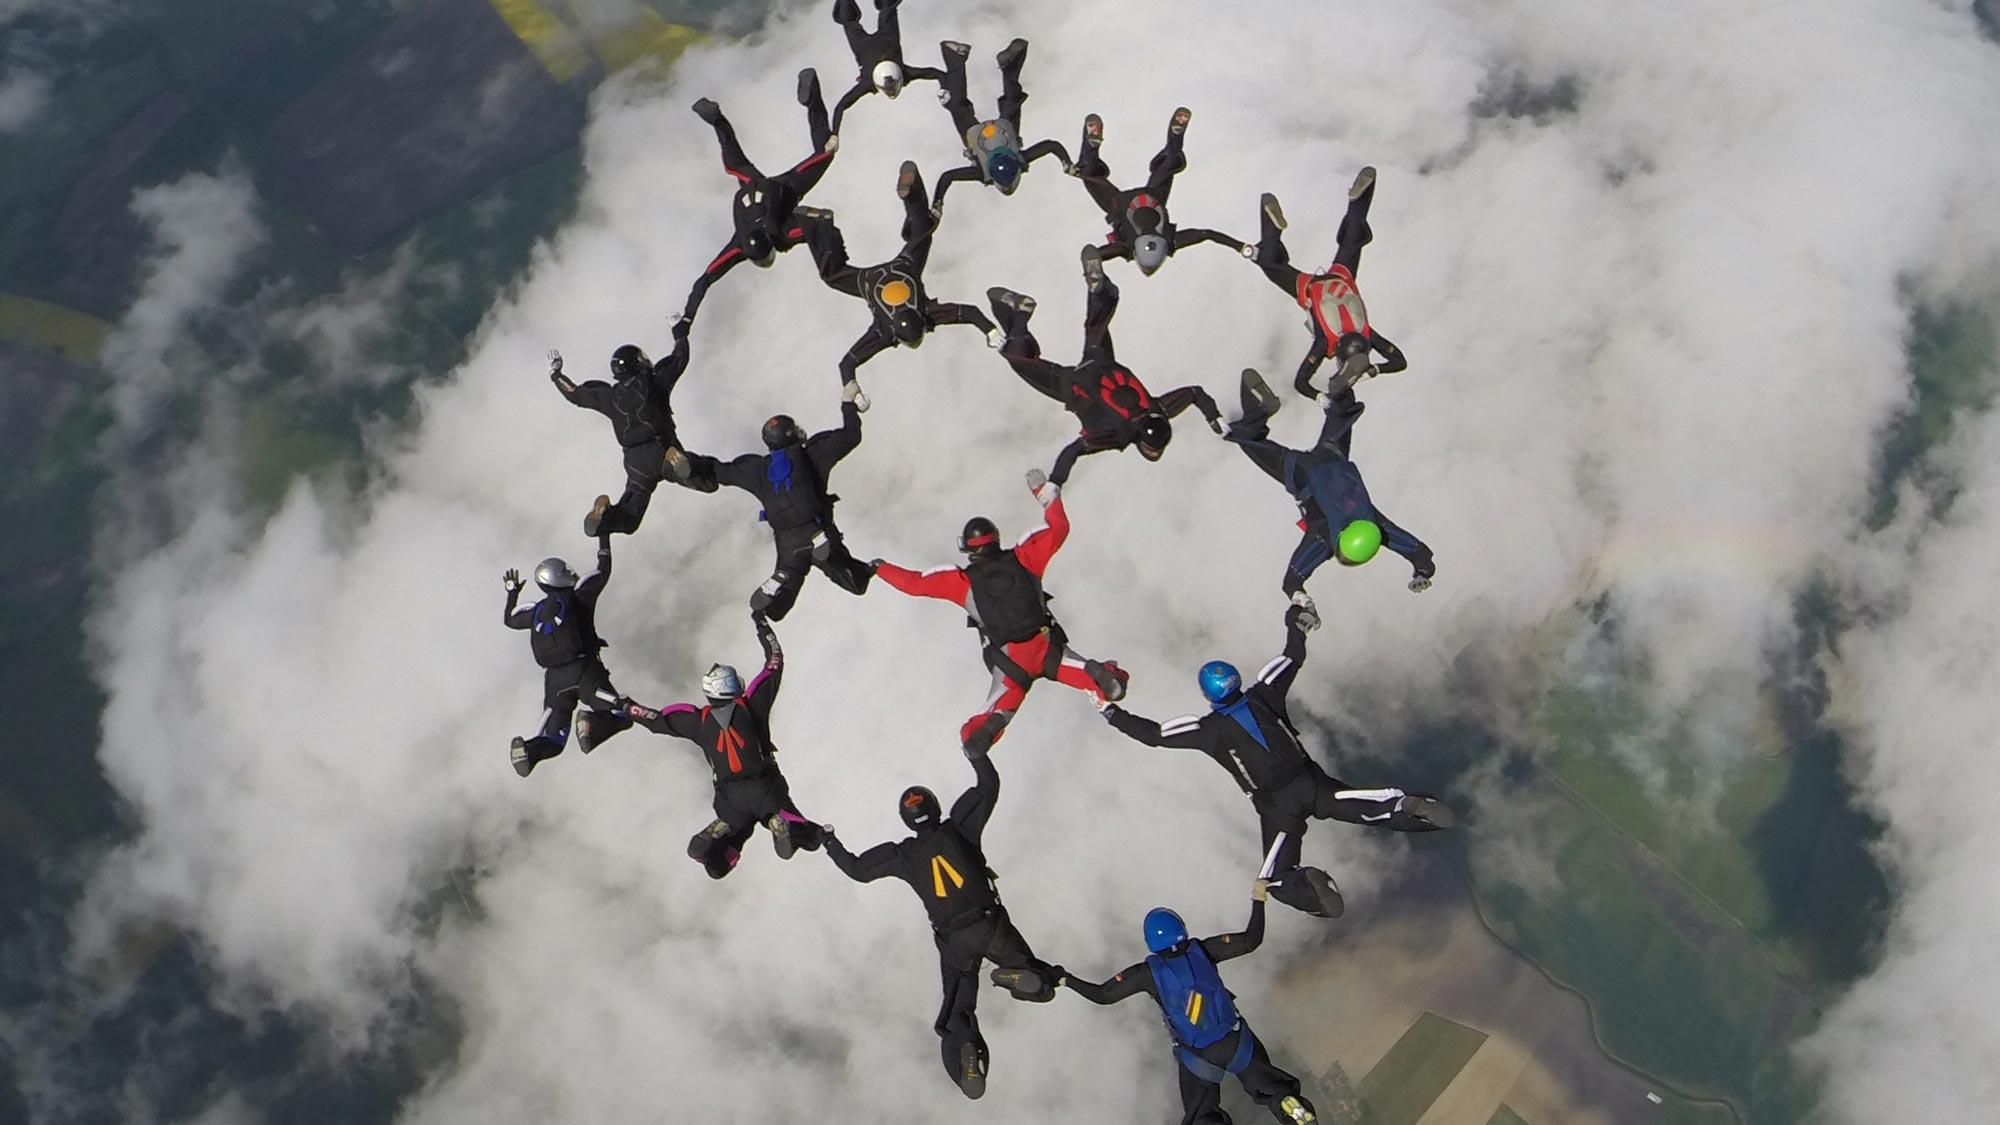 TAKE OFF Fallschirmsport - Gruppe aus 16 Formationsspringern bilden Figur